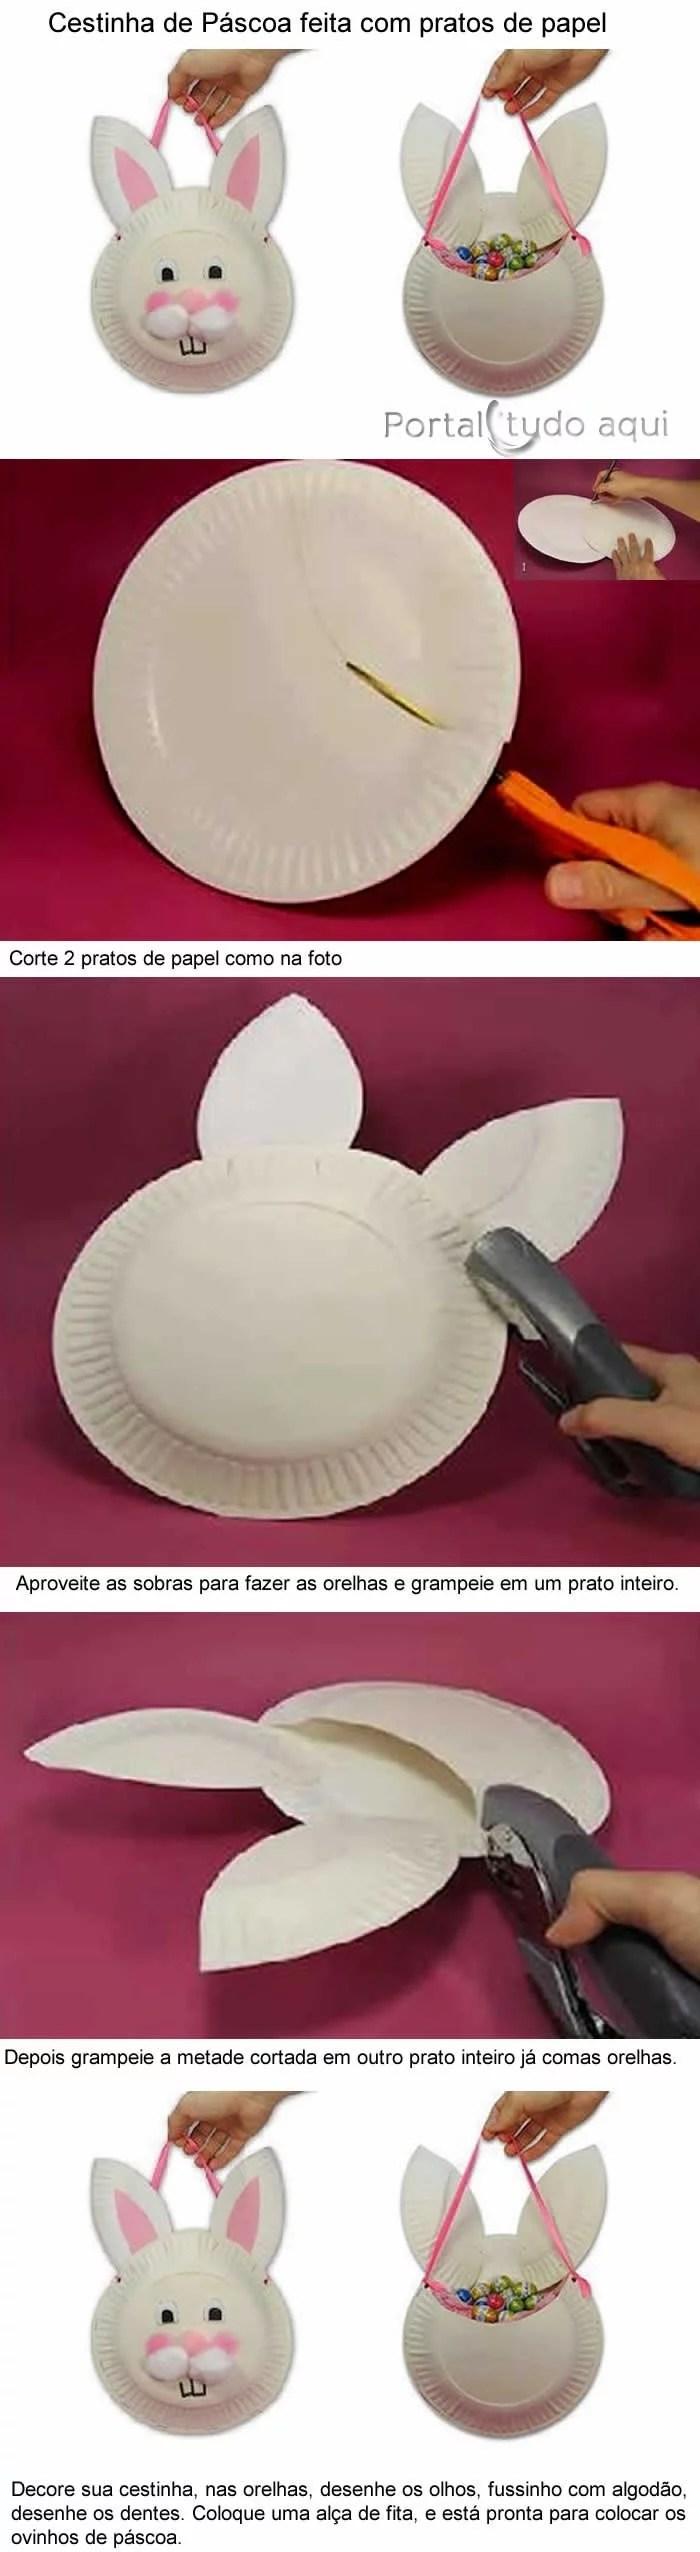 lembrancinha-cestinha-de-prato-de-papel-para-pascoa